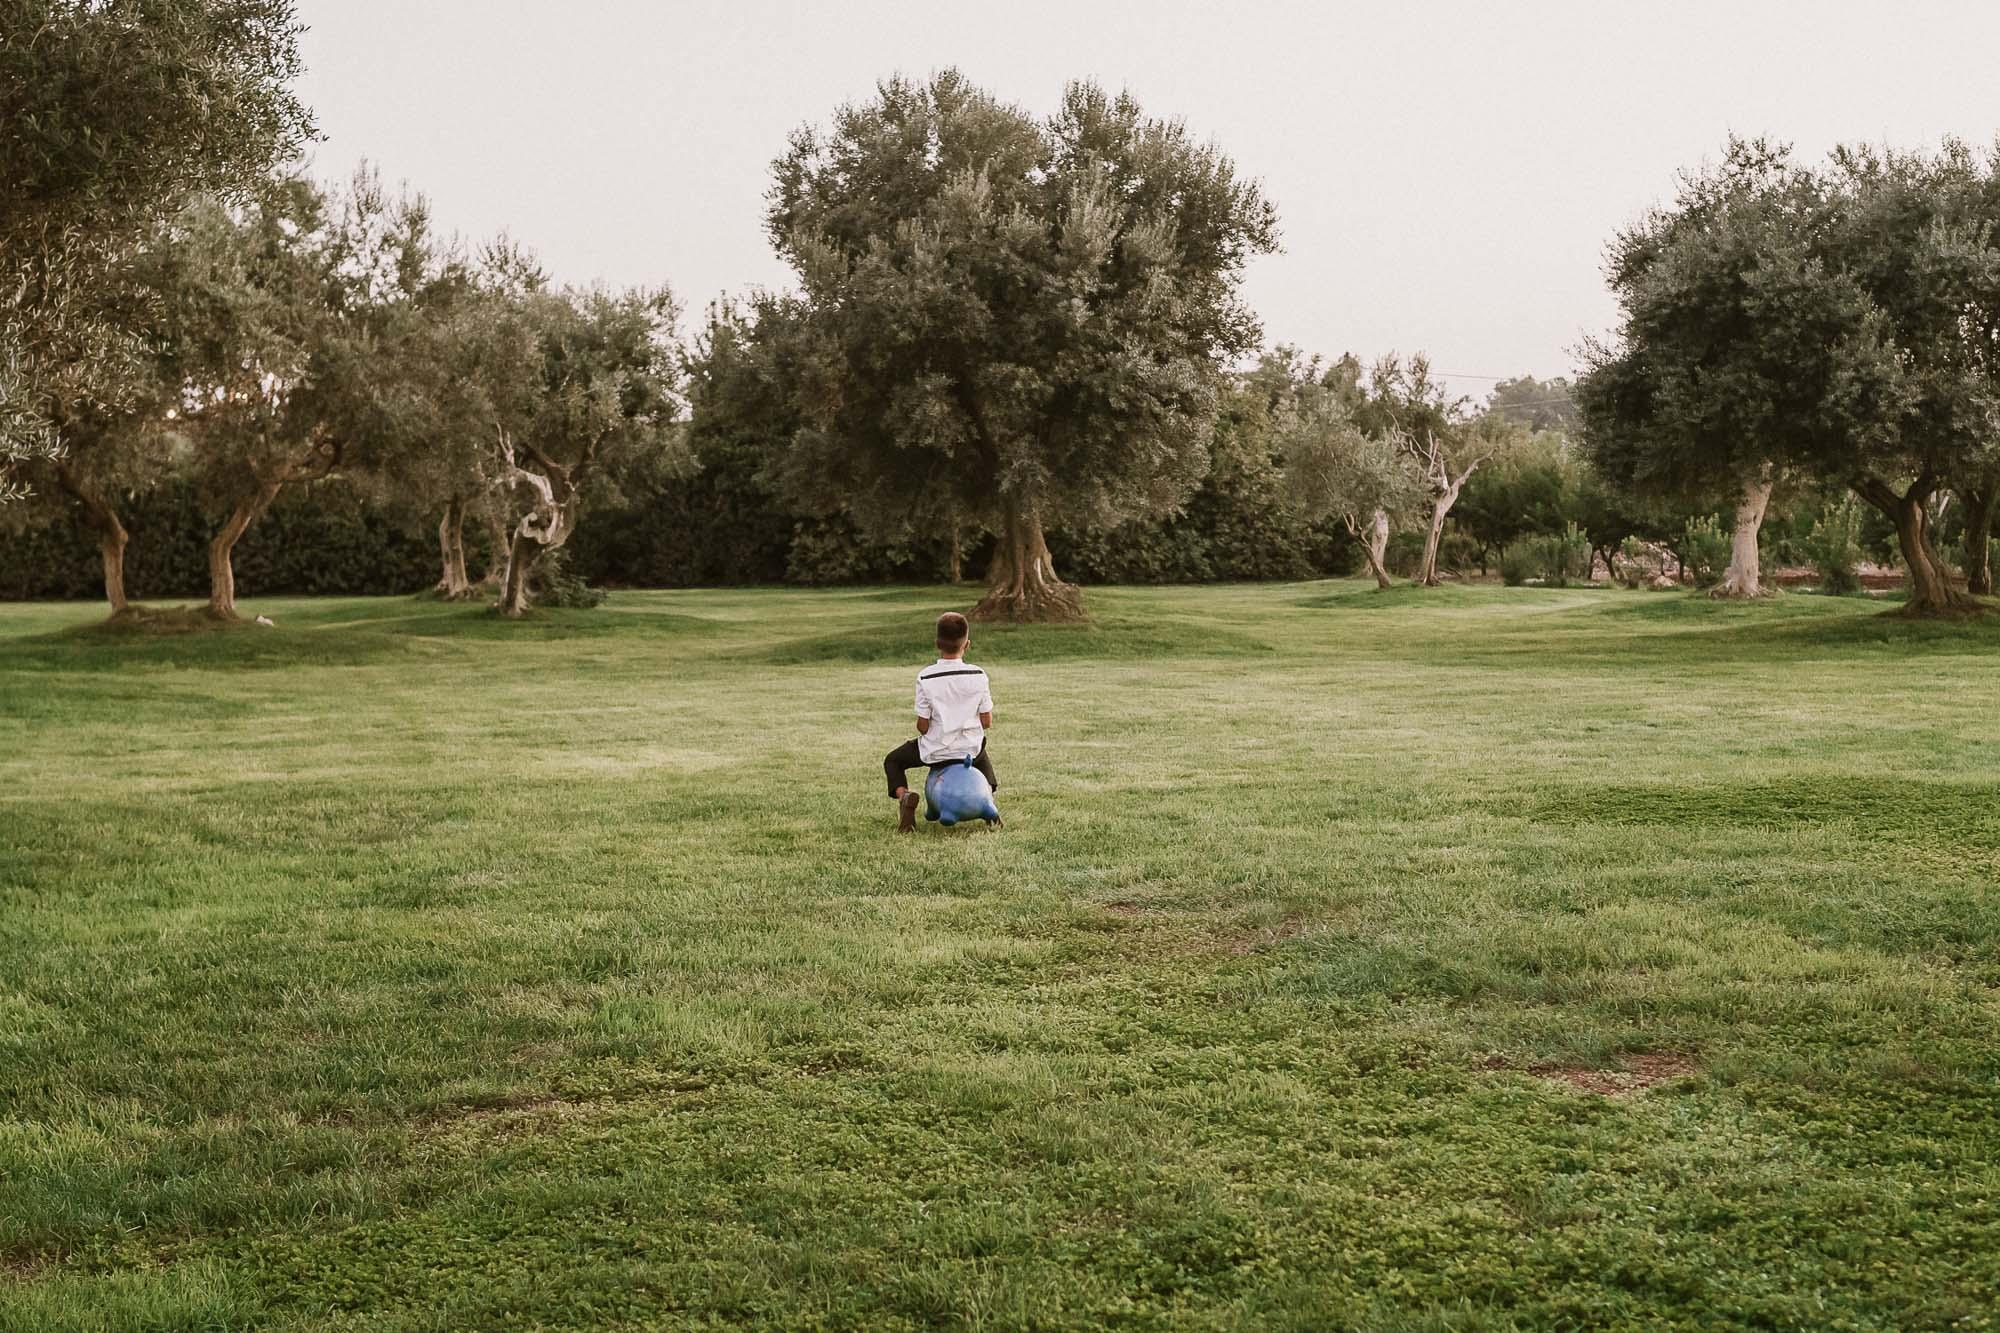 fotografo reportage artistico matrimonio bari taranto lecce ostuni fasano country